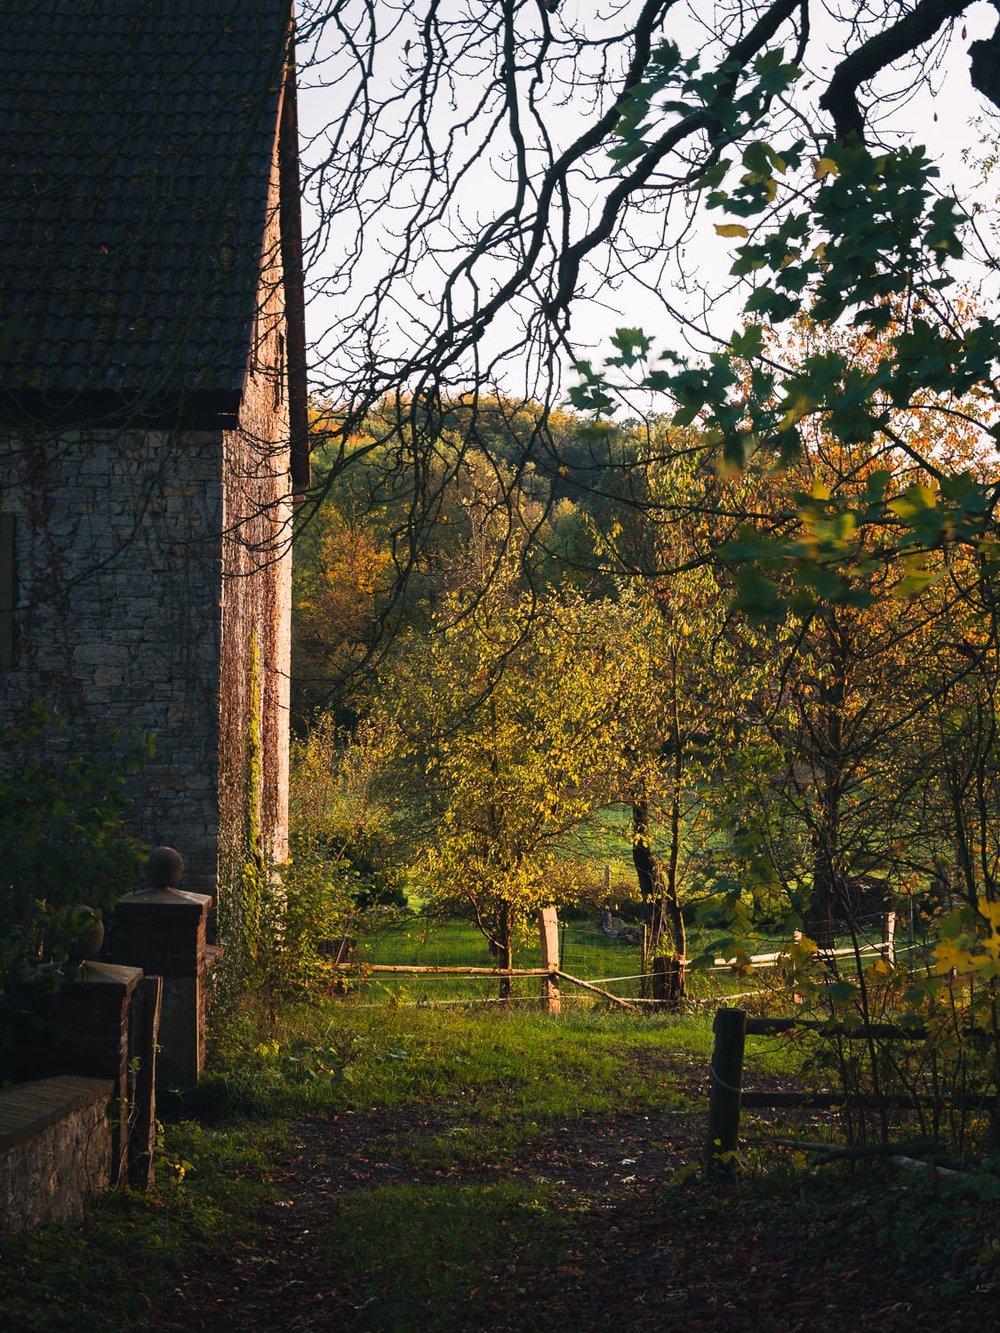 Herbstgold - Autumn Trees Leaves Bäume Blätter Herbst Gold Licht - 1736.jpg